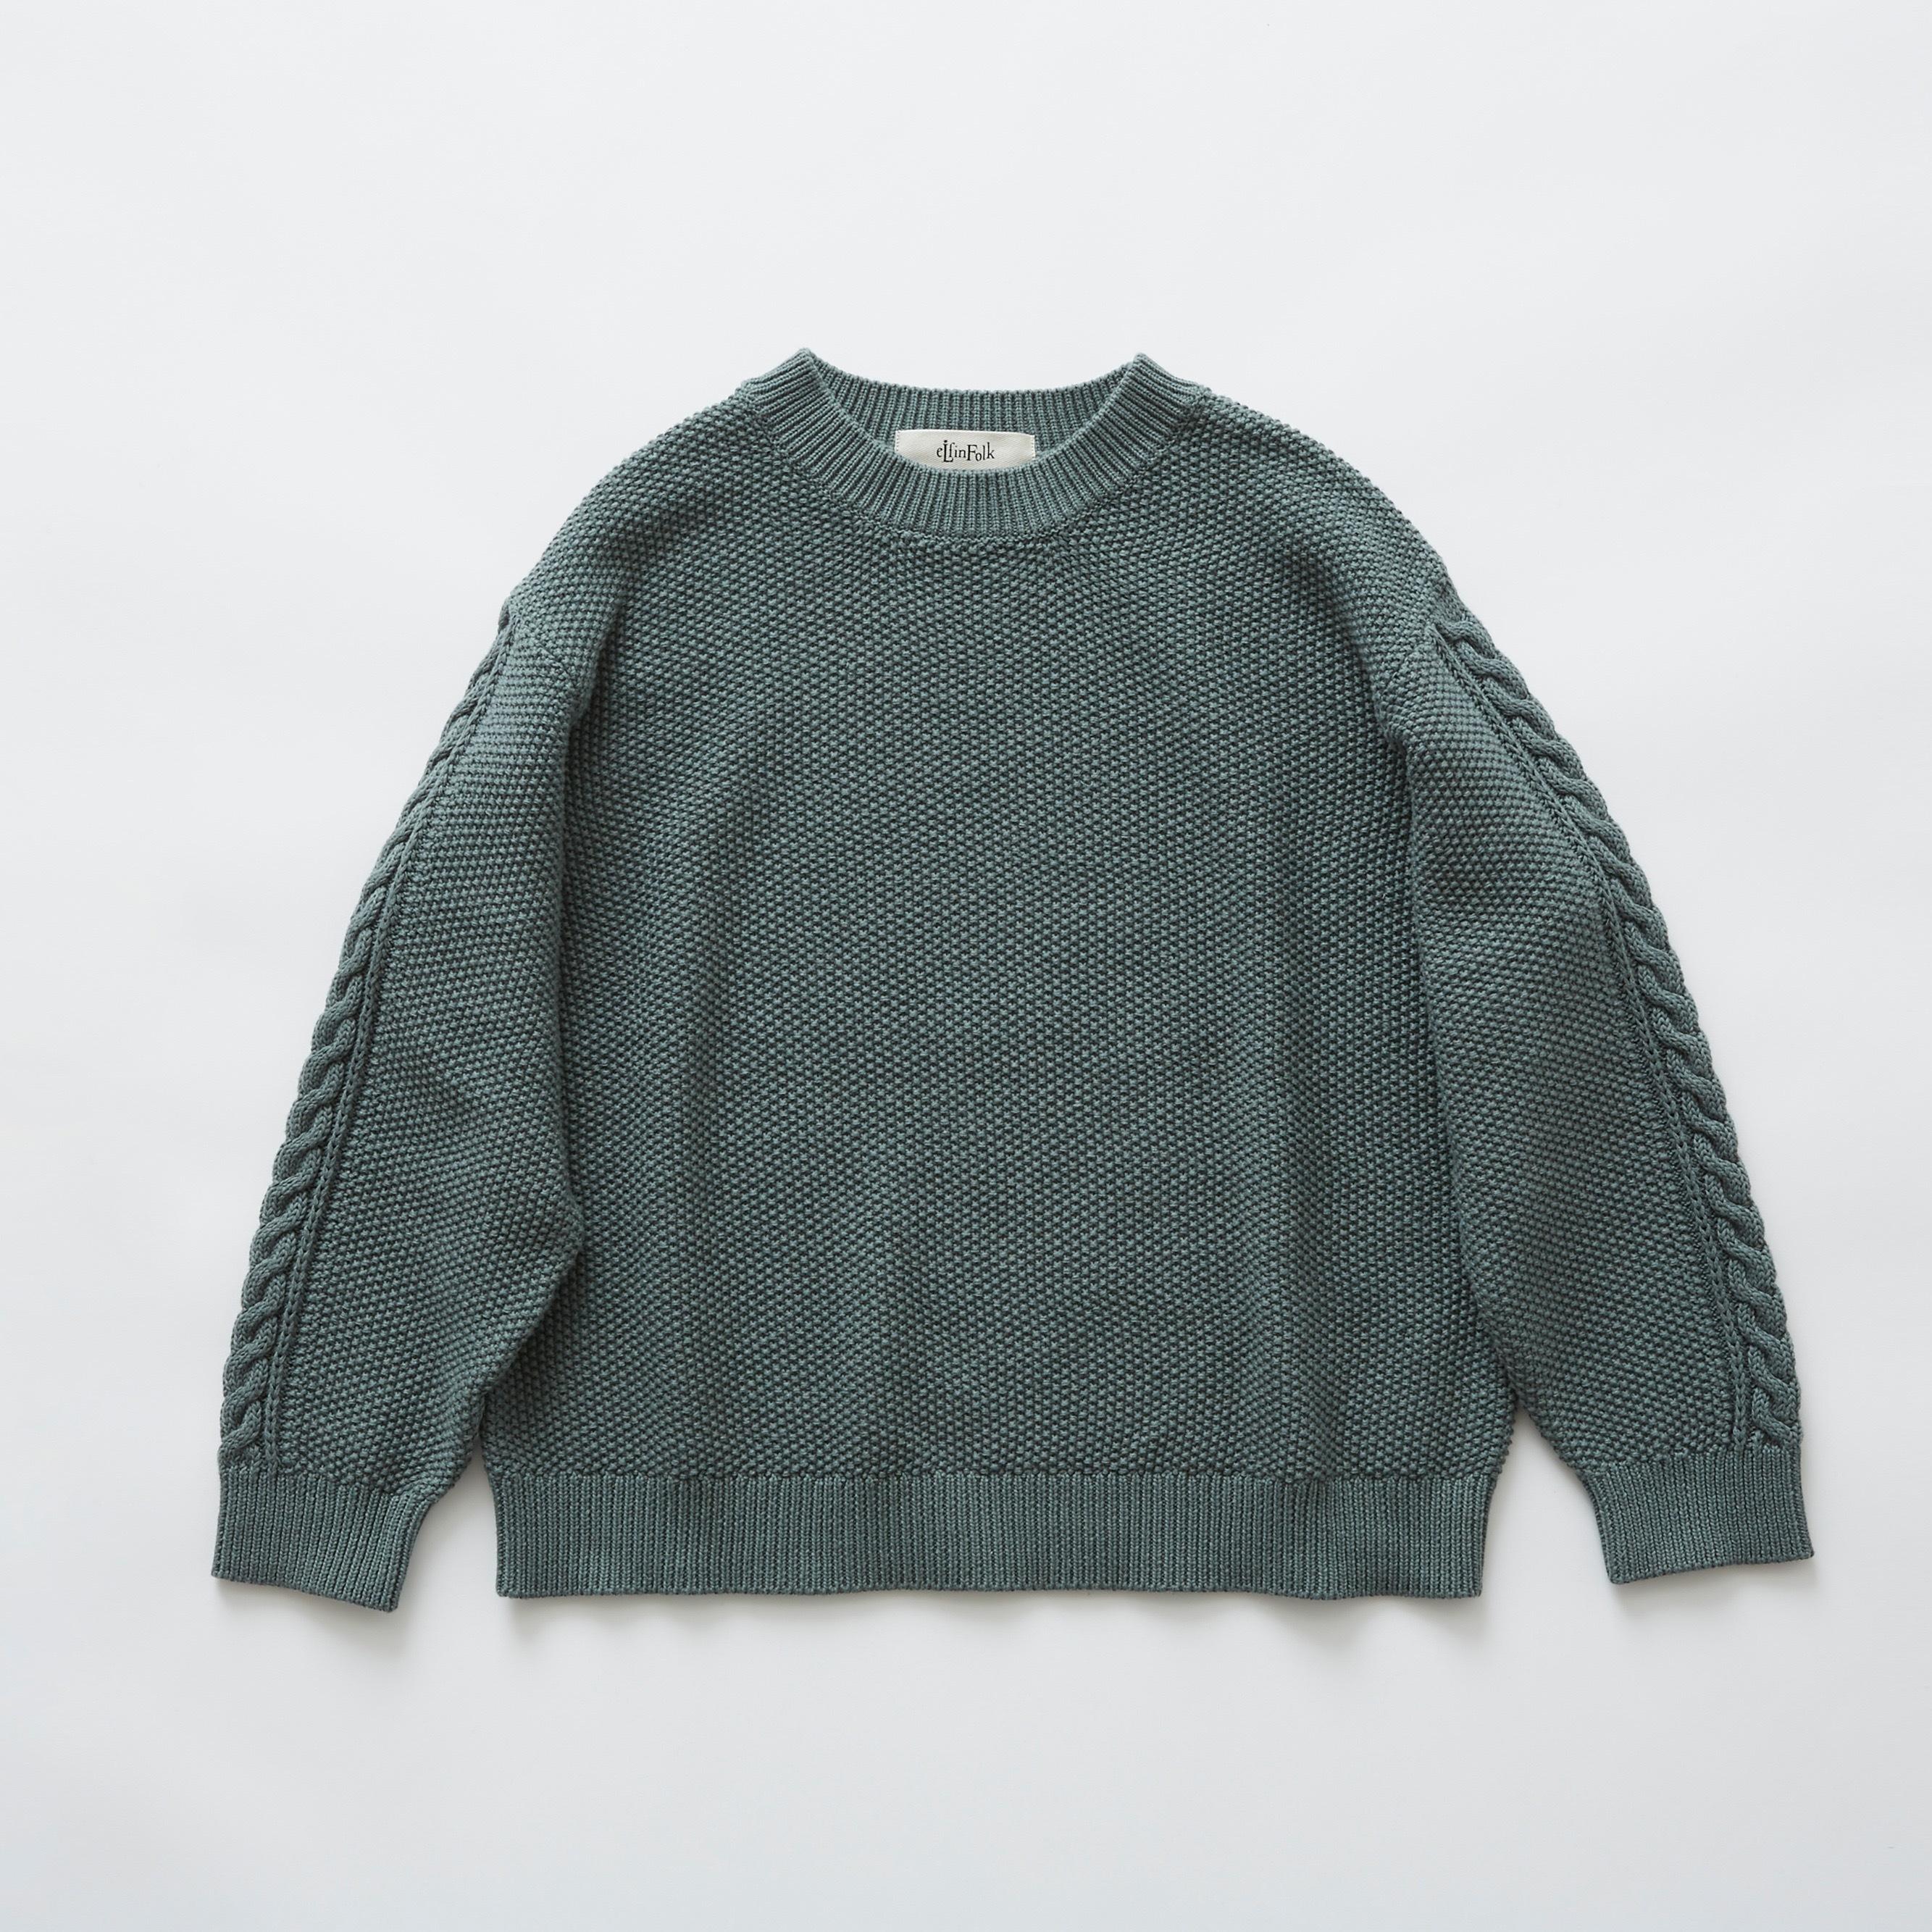 《eLfinFolk》moss stitch sweater / sage green / 110・130cm